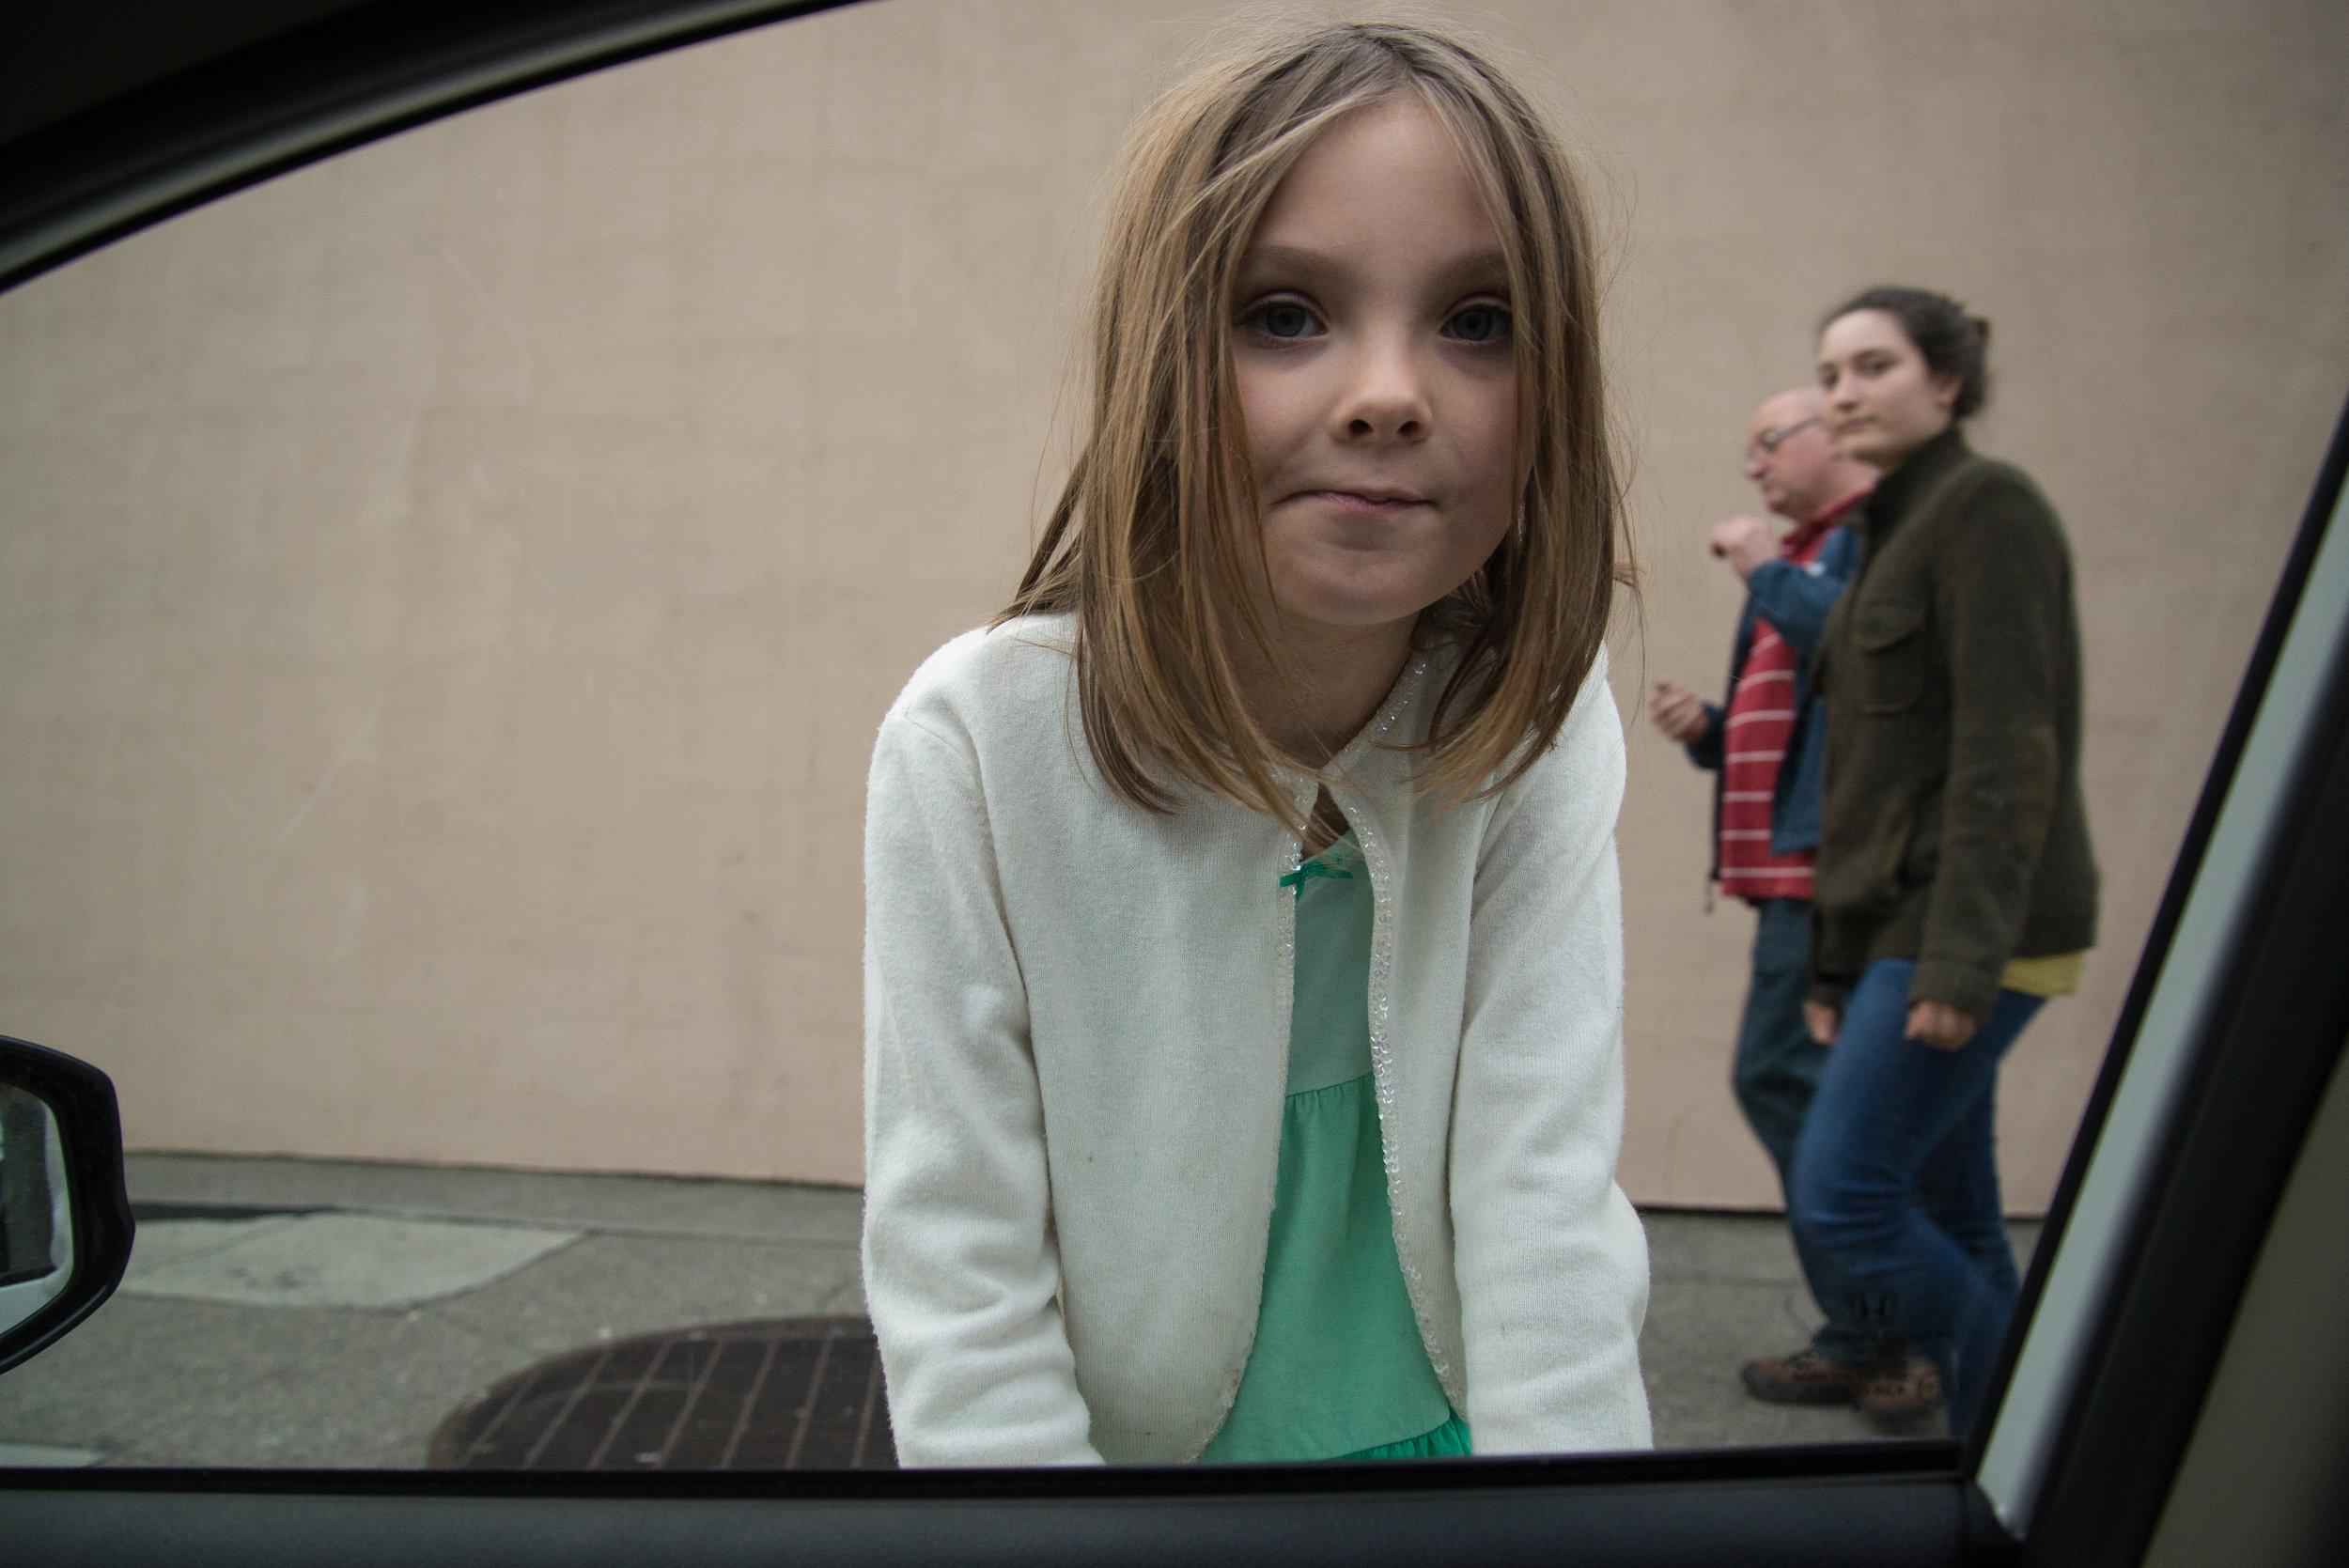 17a-Polly-car-window-1-3467.jpg